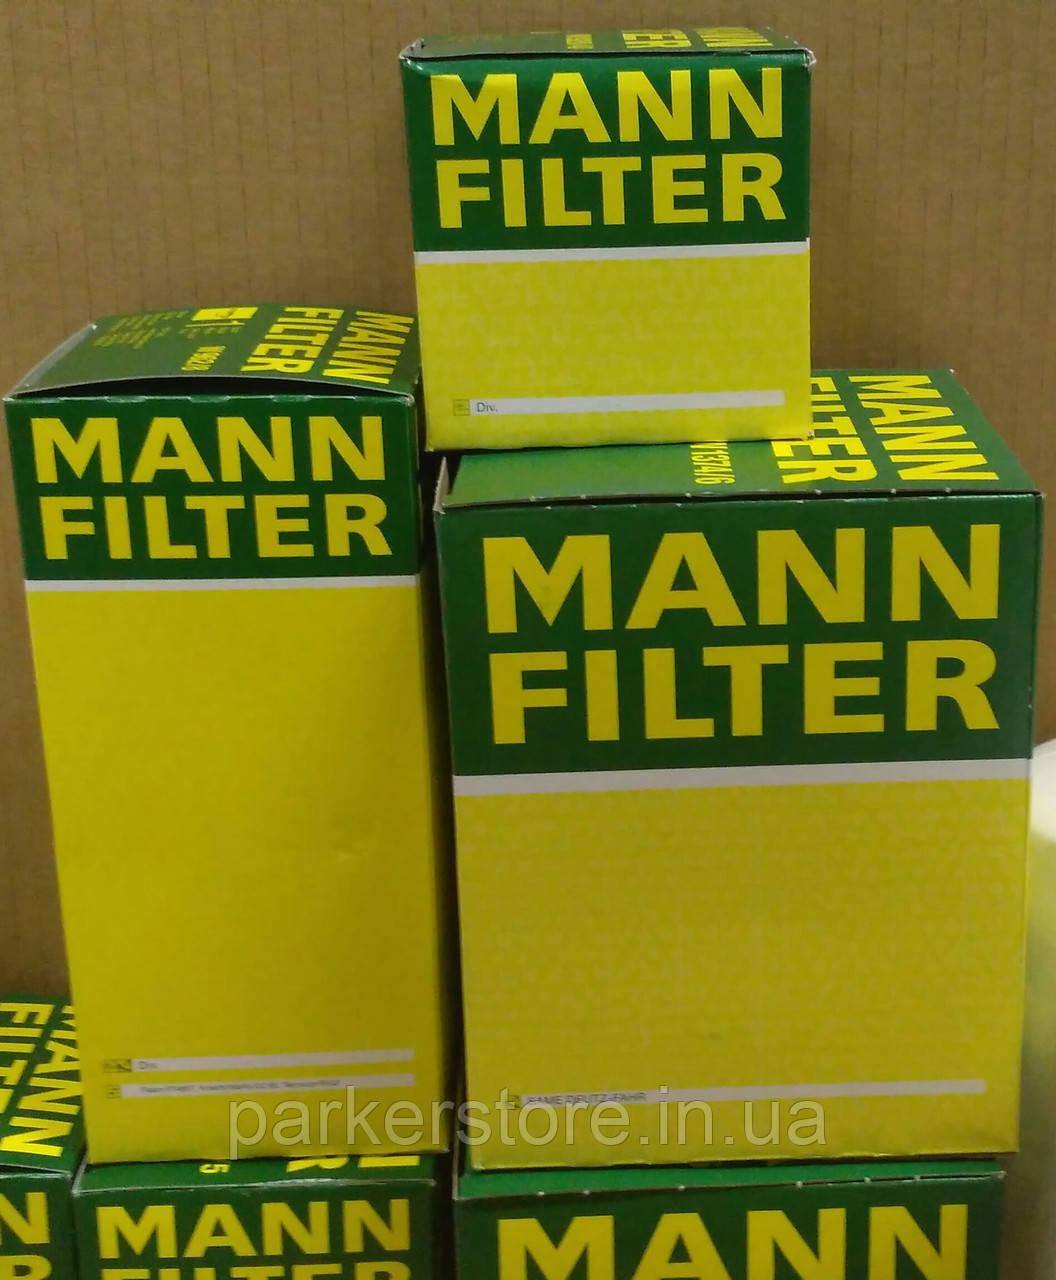 MANN FILTER / Повітряний фільтр / C 3042 / C3042